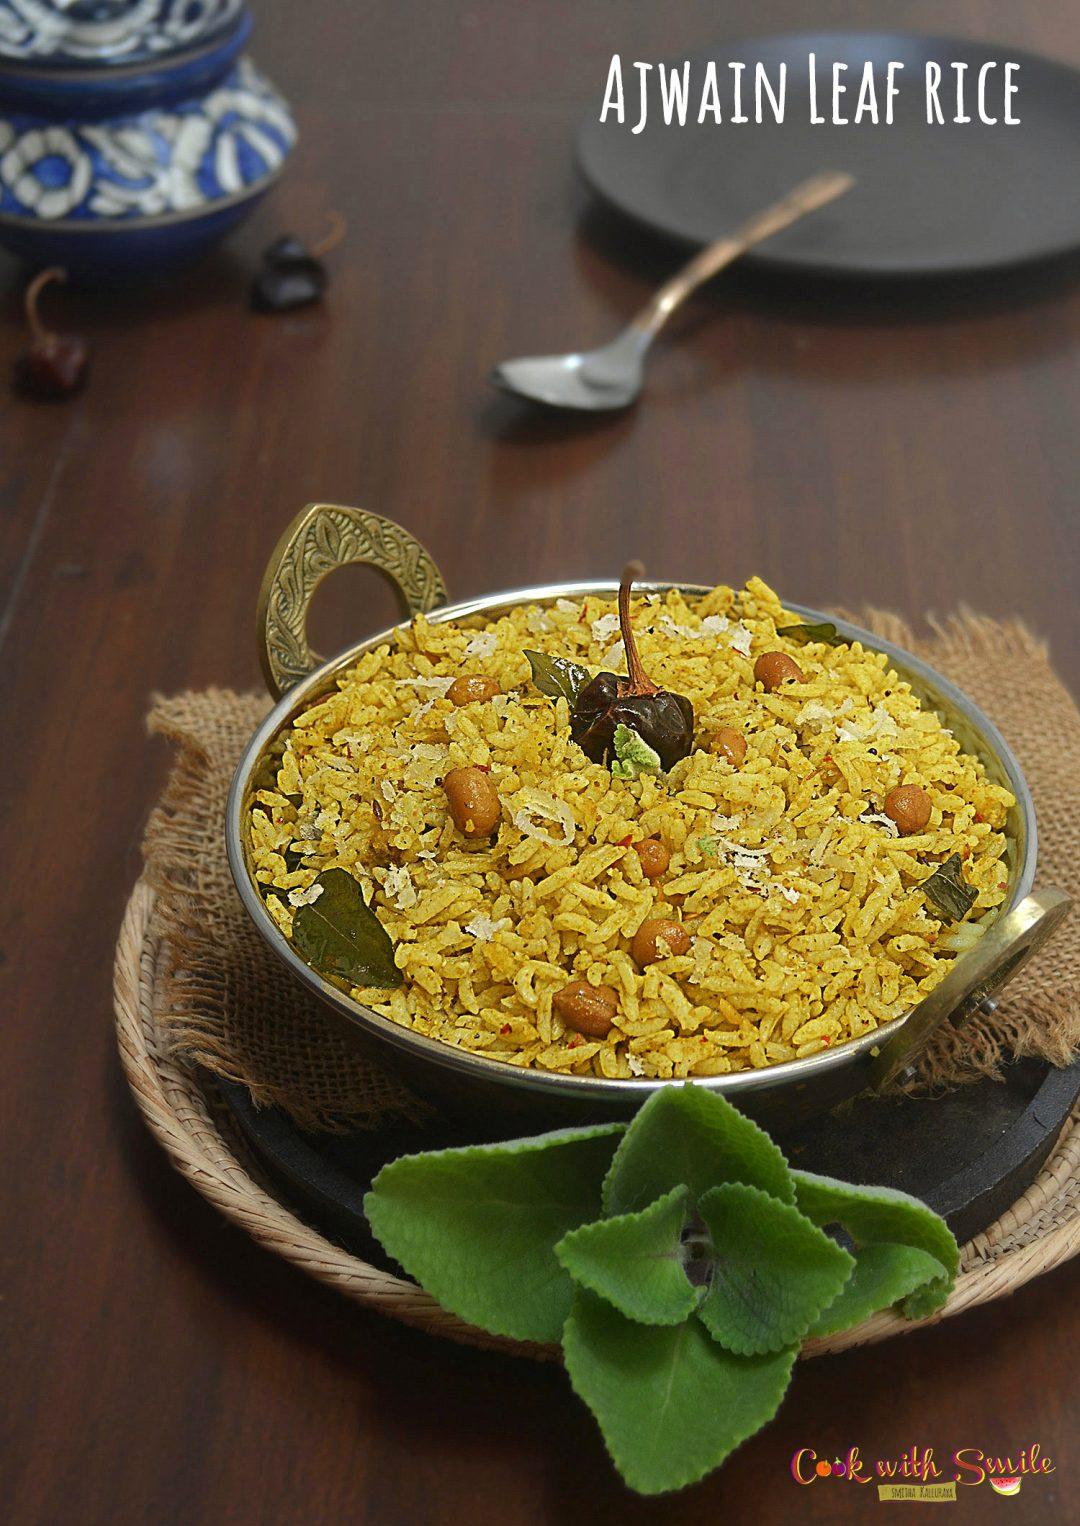 Ajwain leaf Rice